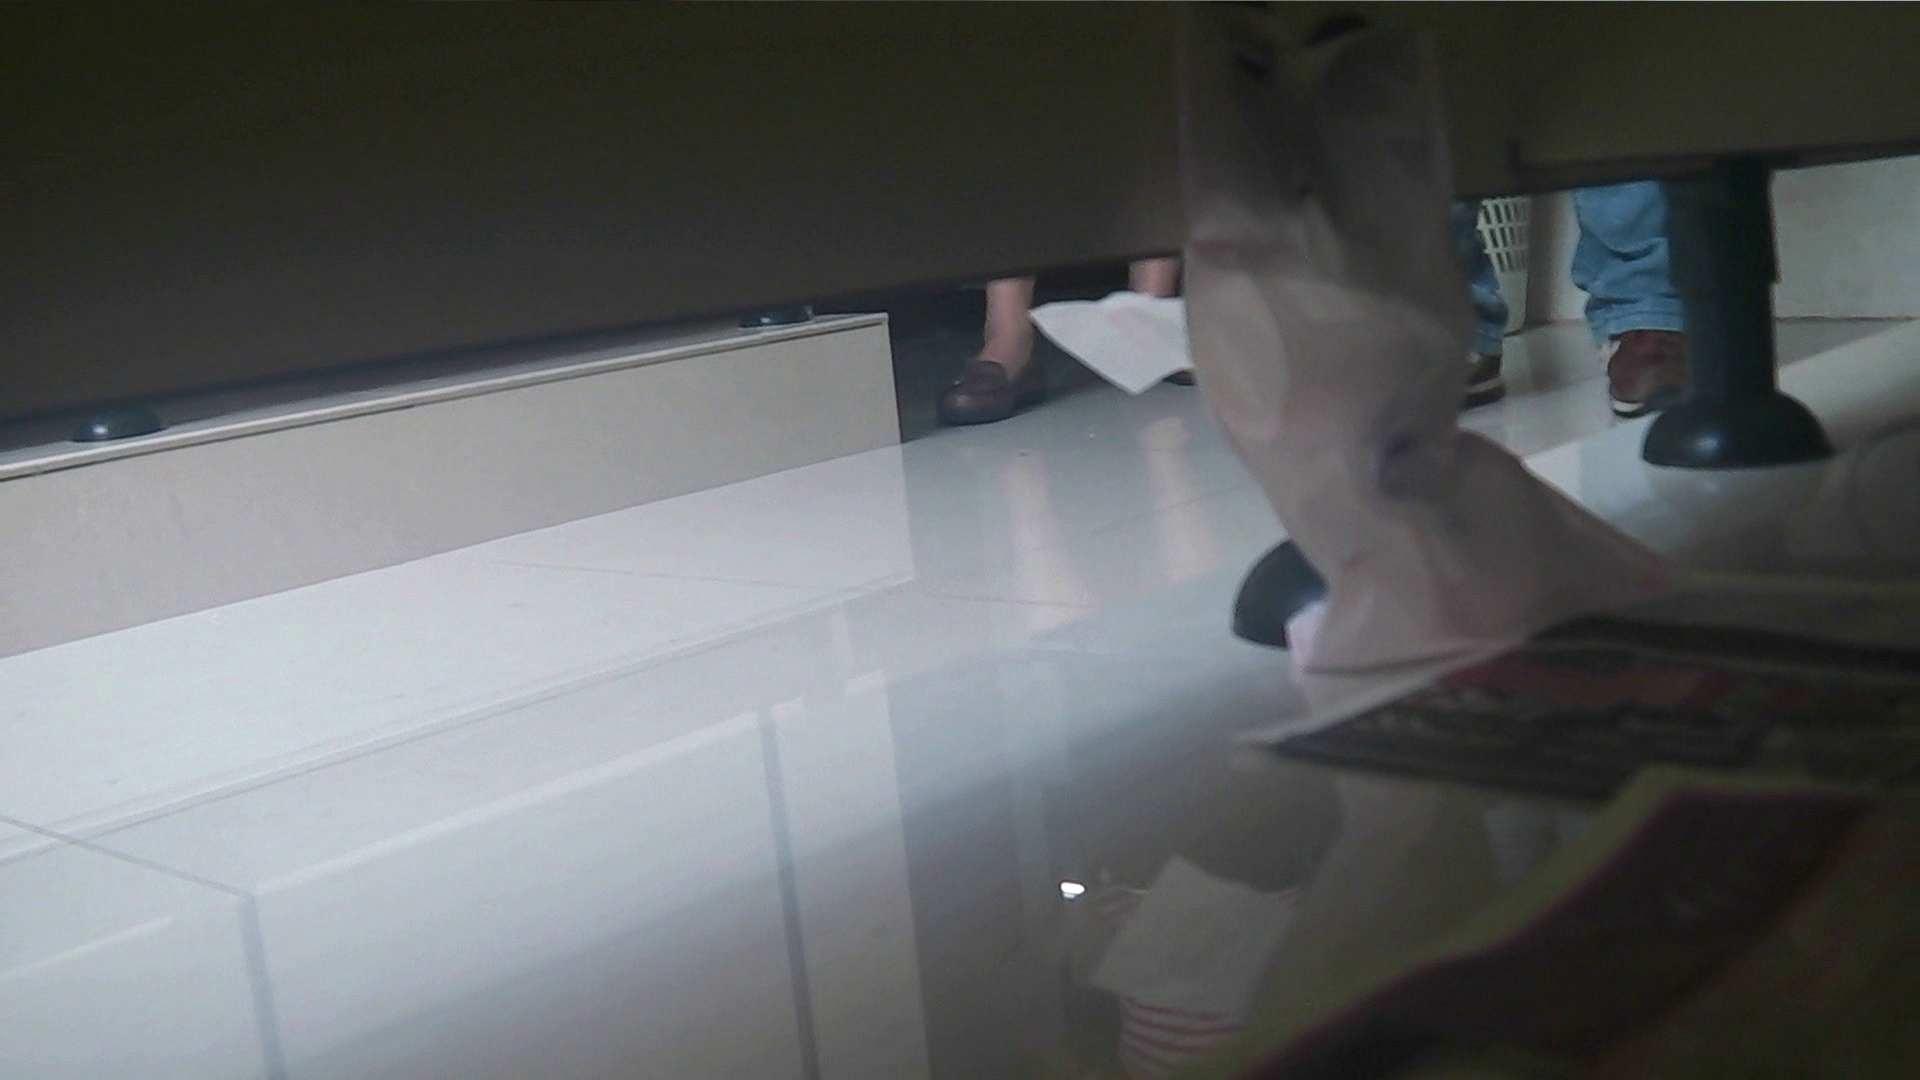 お市さんの「お尻丸出しジャンボリー」No.02 盗撮師作品 SEX無修正画像 74pic 74